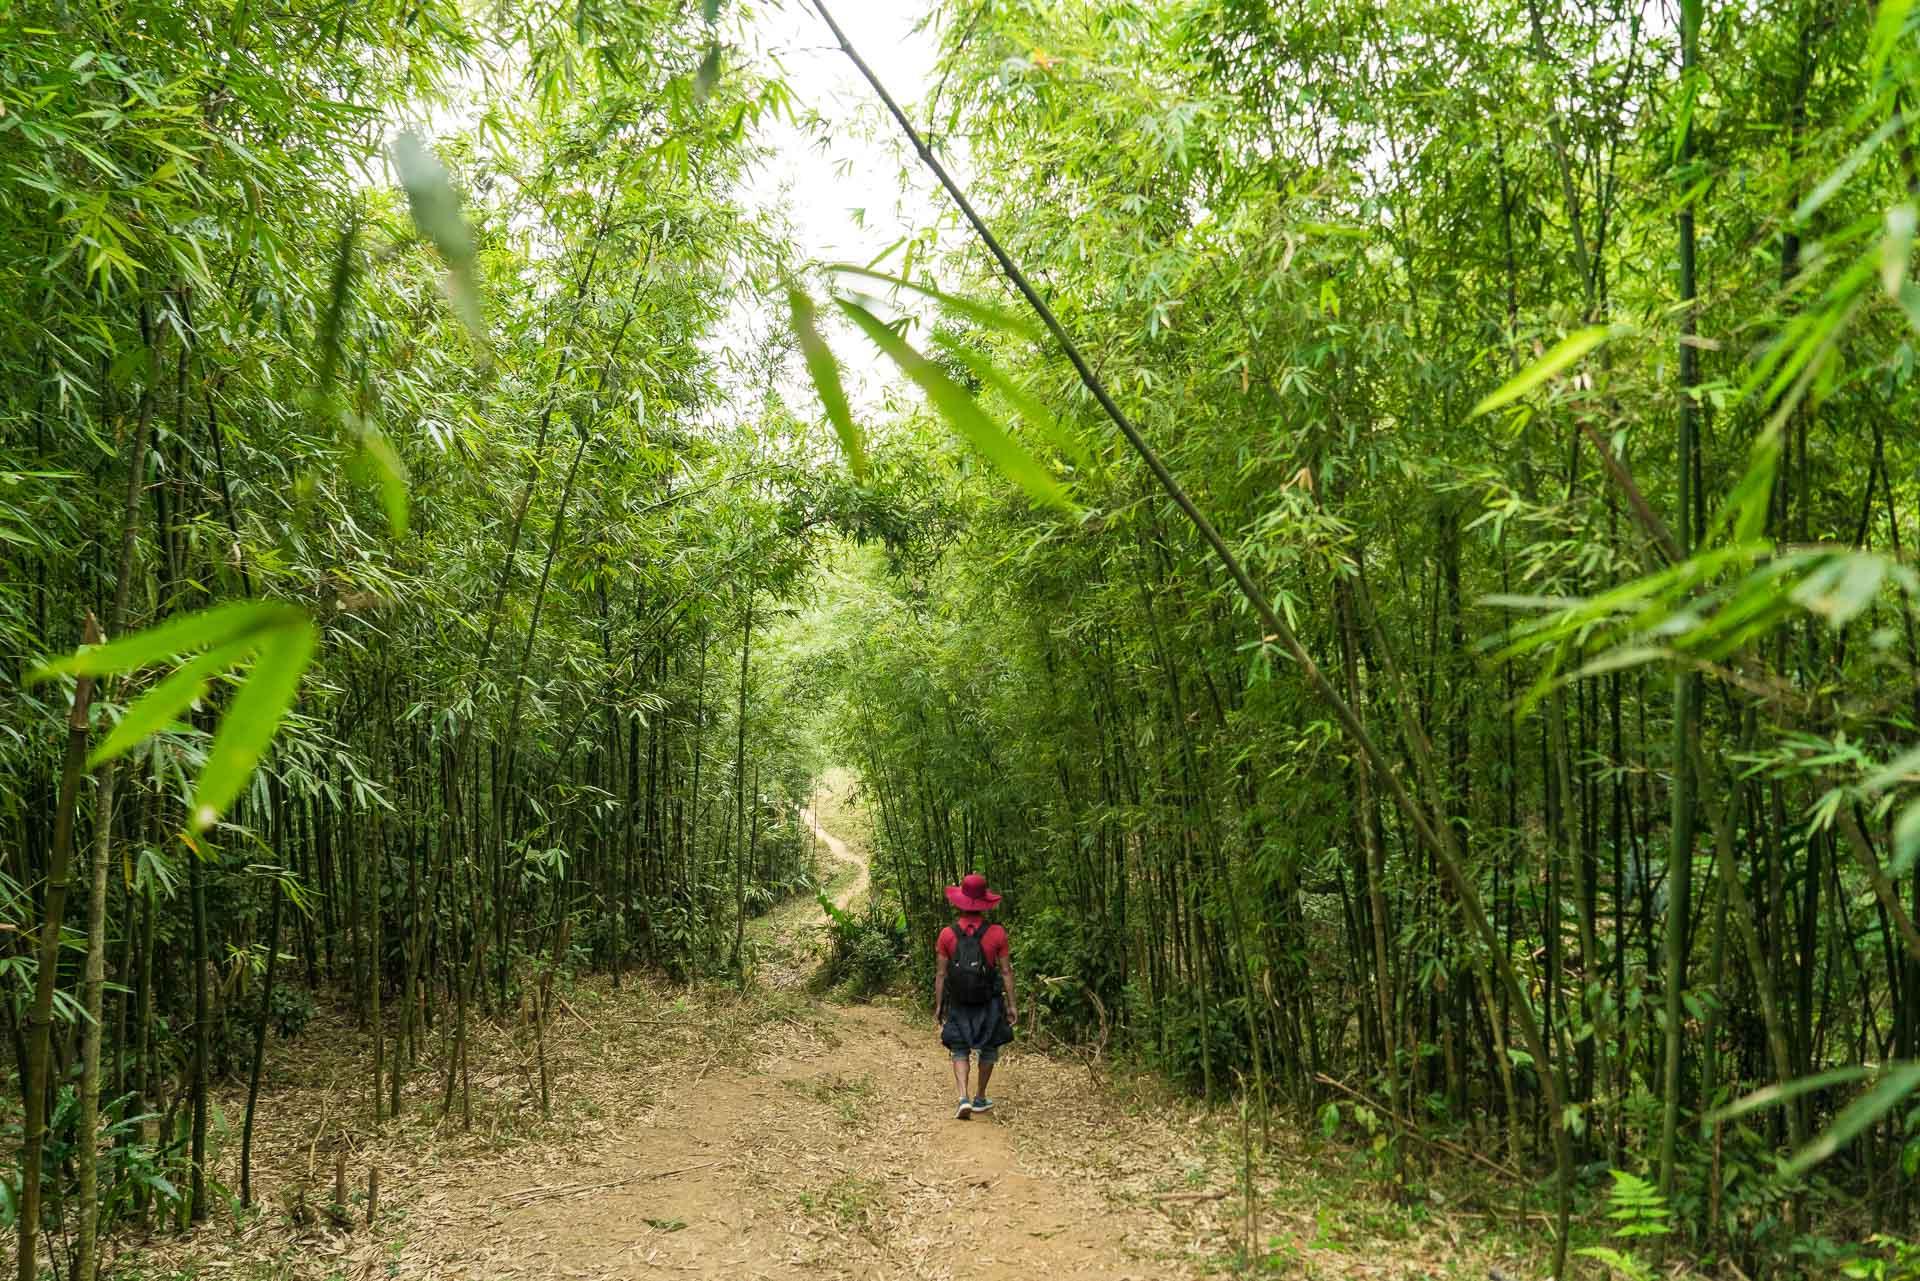 lesvoyageuses-trek-sapa-minorites-ethniques-itineraire-vietnam-20